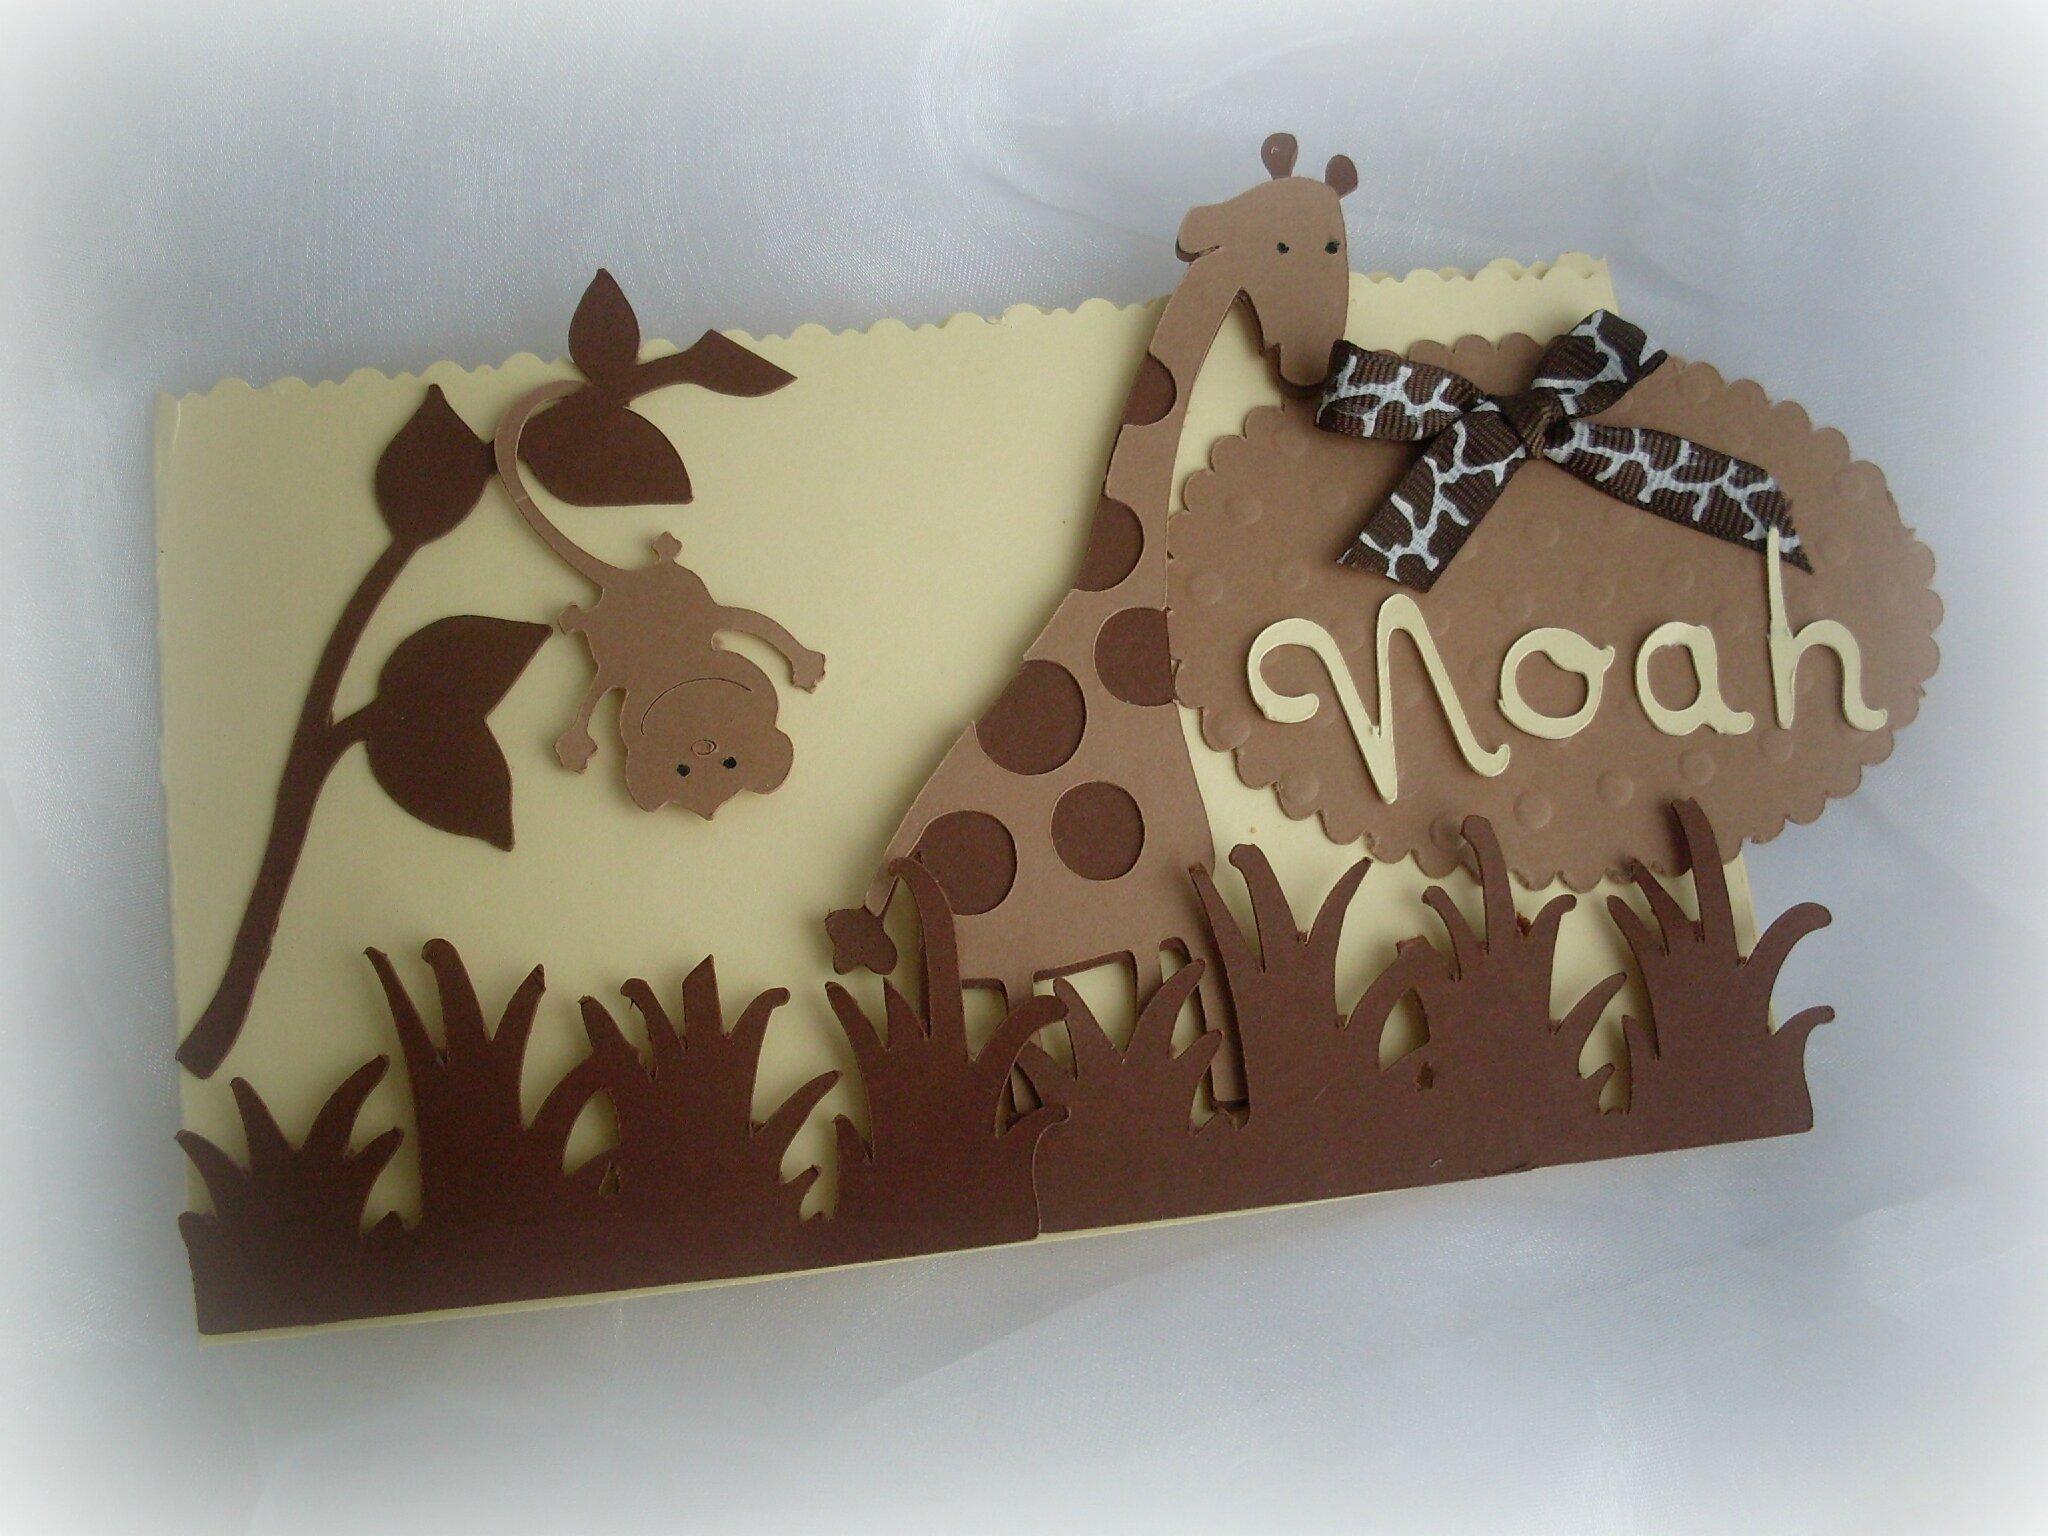 Un joli faire part de naissance #jungle #safary #beige marron chocolat